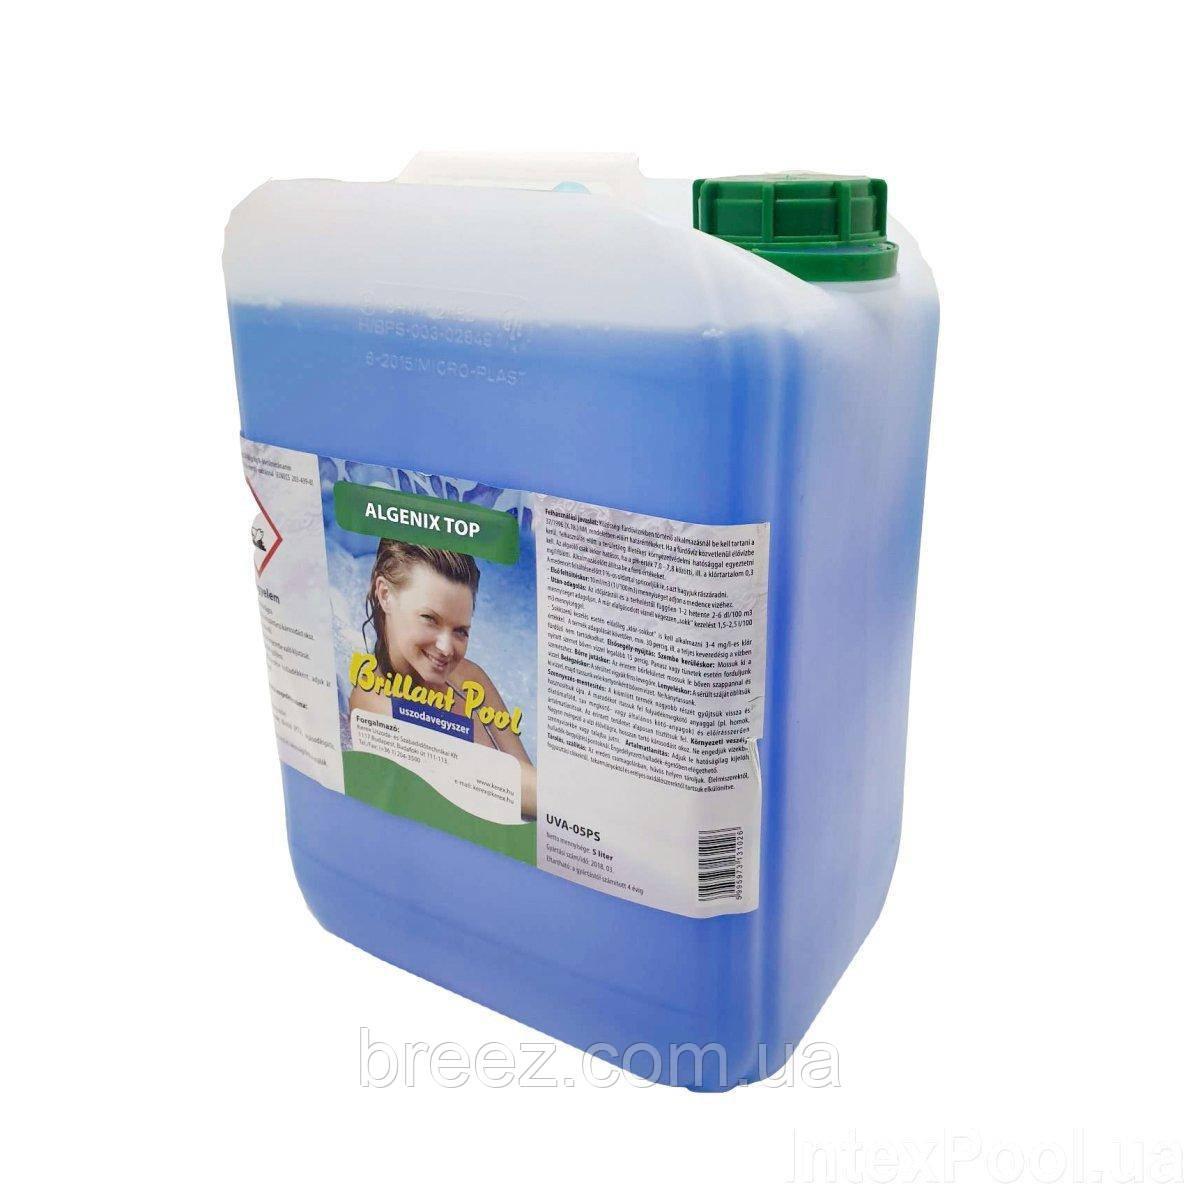 Альгекс ТОП концентрат препарат для очистки от водорослей Kerex 5 л Венгрия